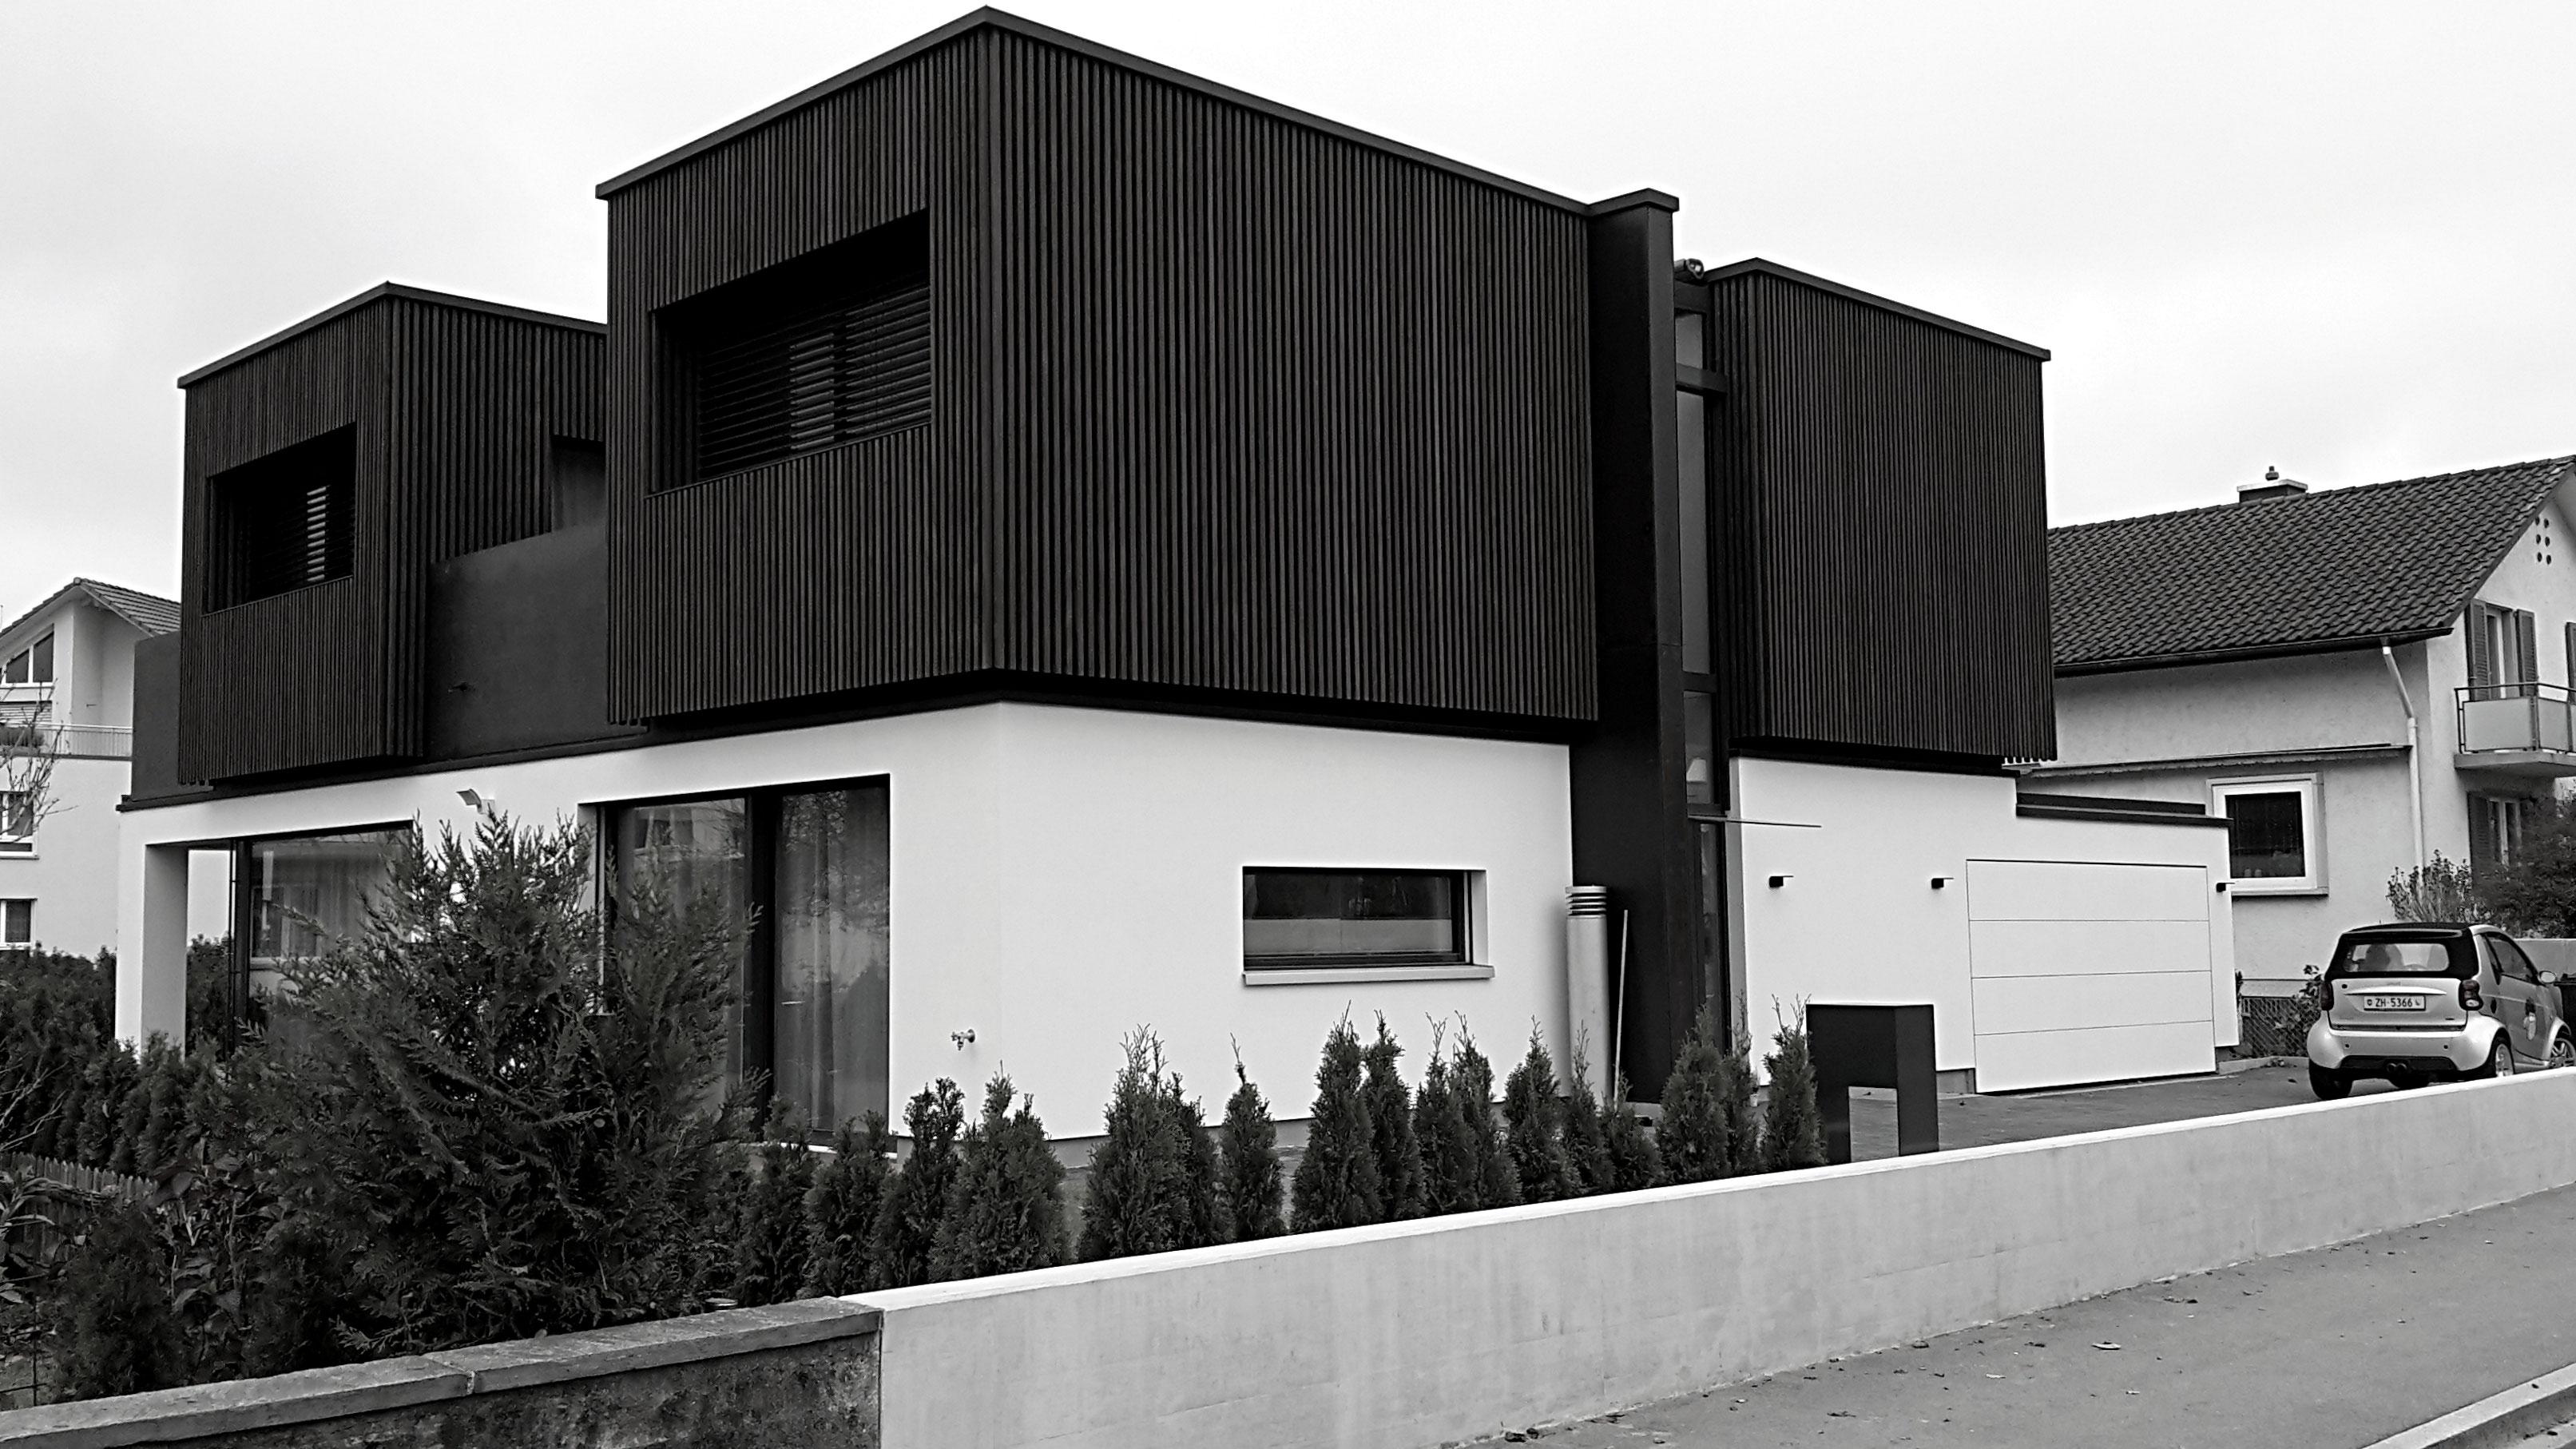 Home bauwerk architekten gmbh - Bauwerk architekten ...